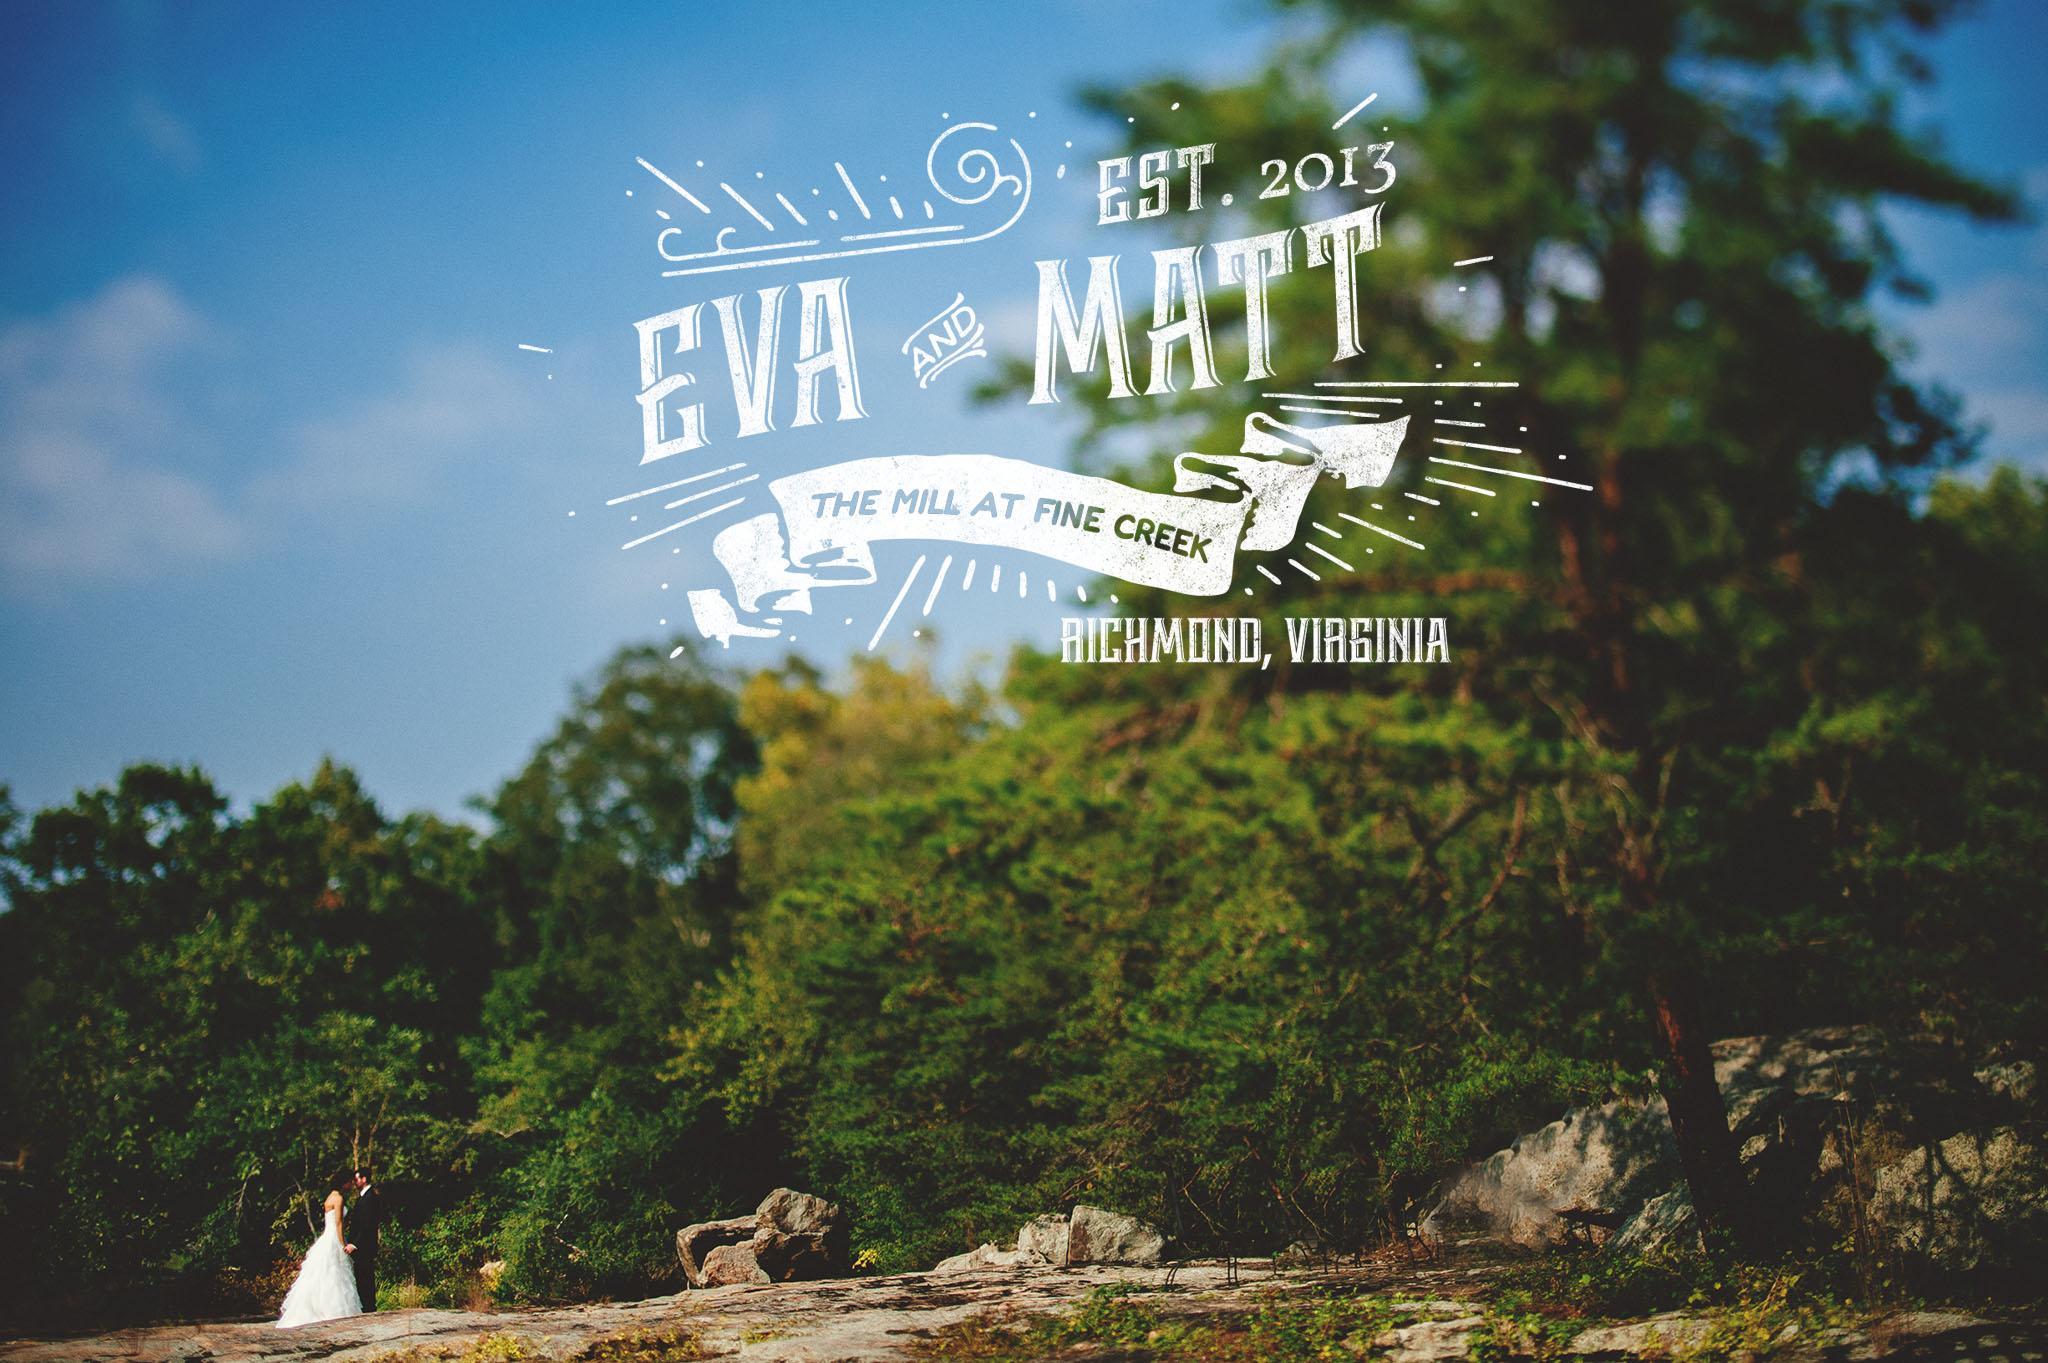 mill-at-fine-creek-wedding-0001